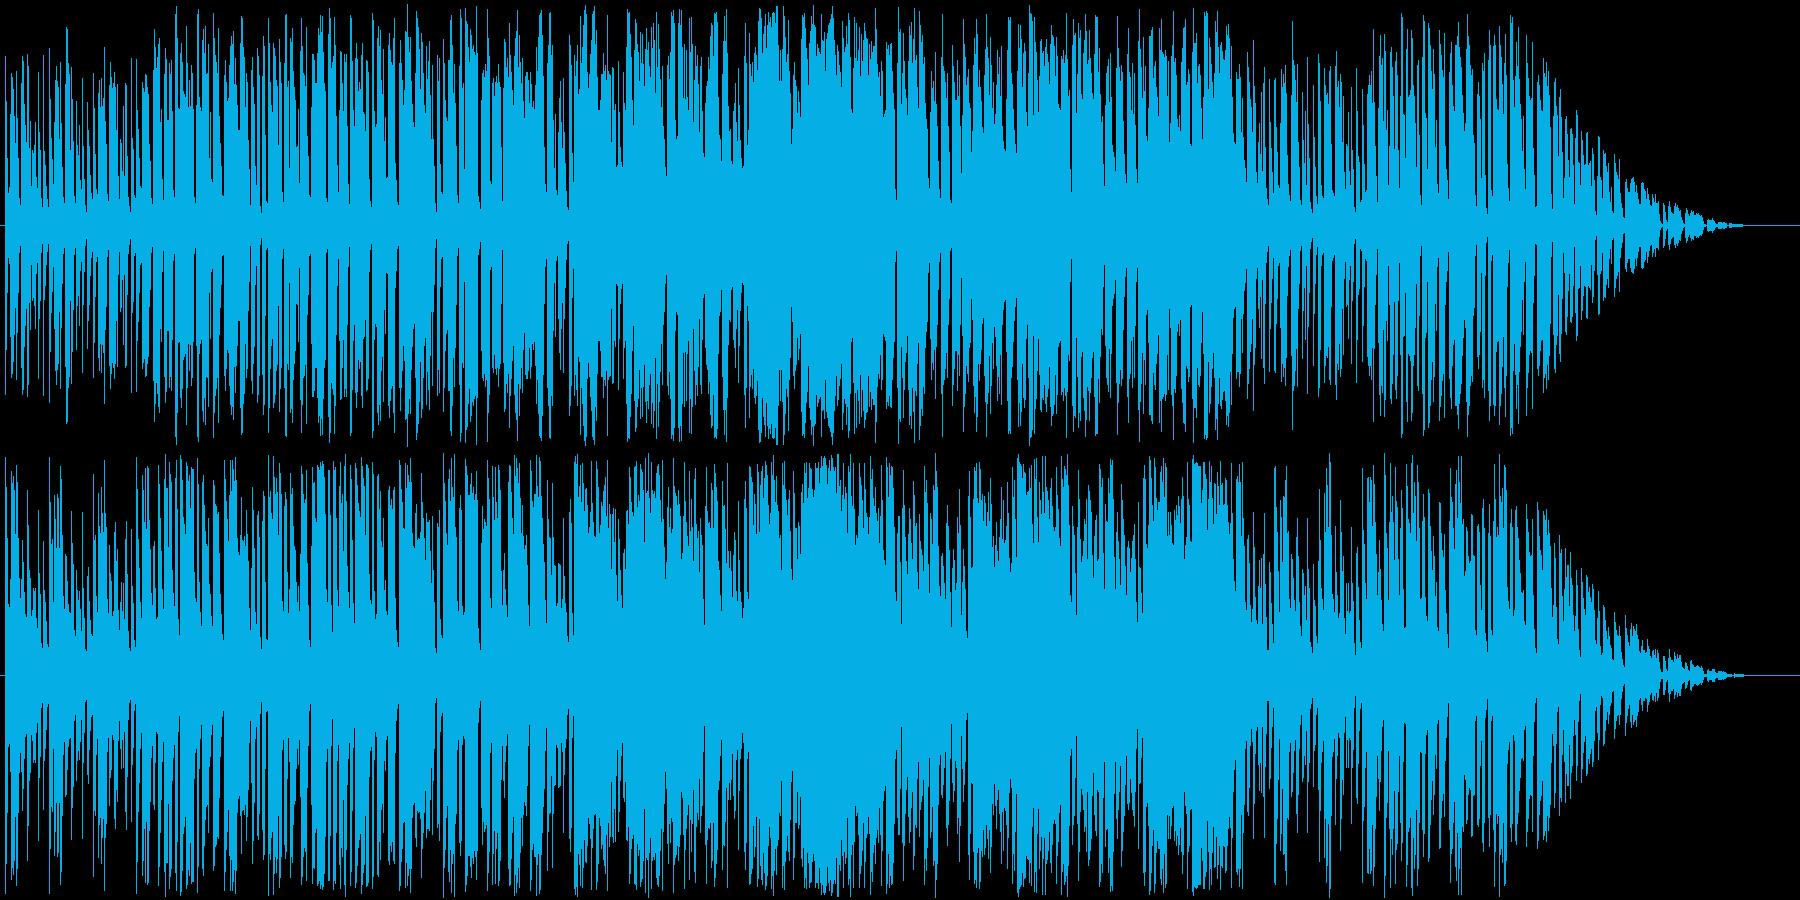 よく晴れた日に体を動かすイメージのBGMの再生済みの波形